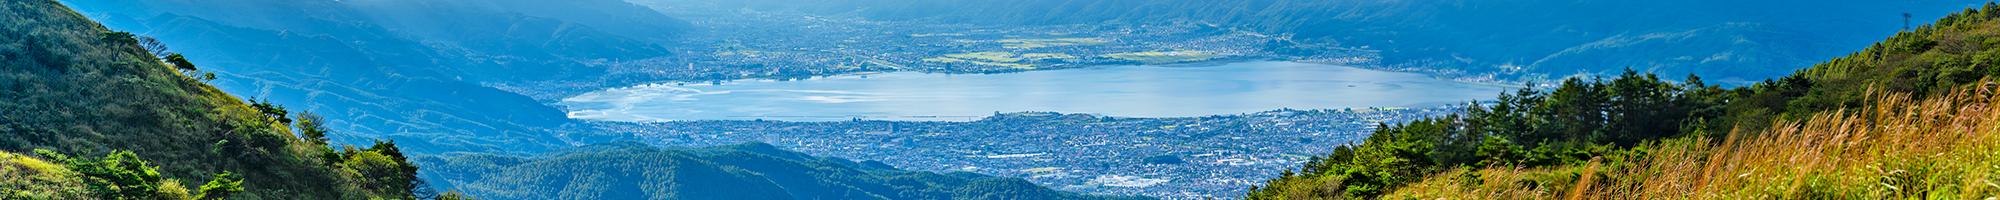 諏訪湖の夏の風景